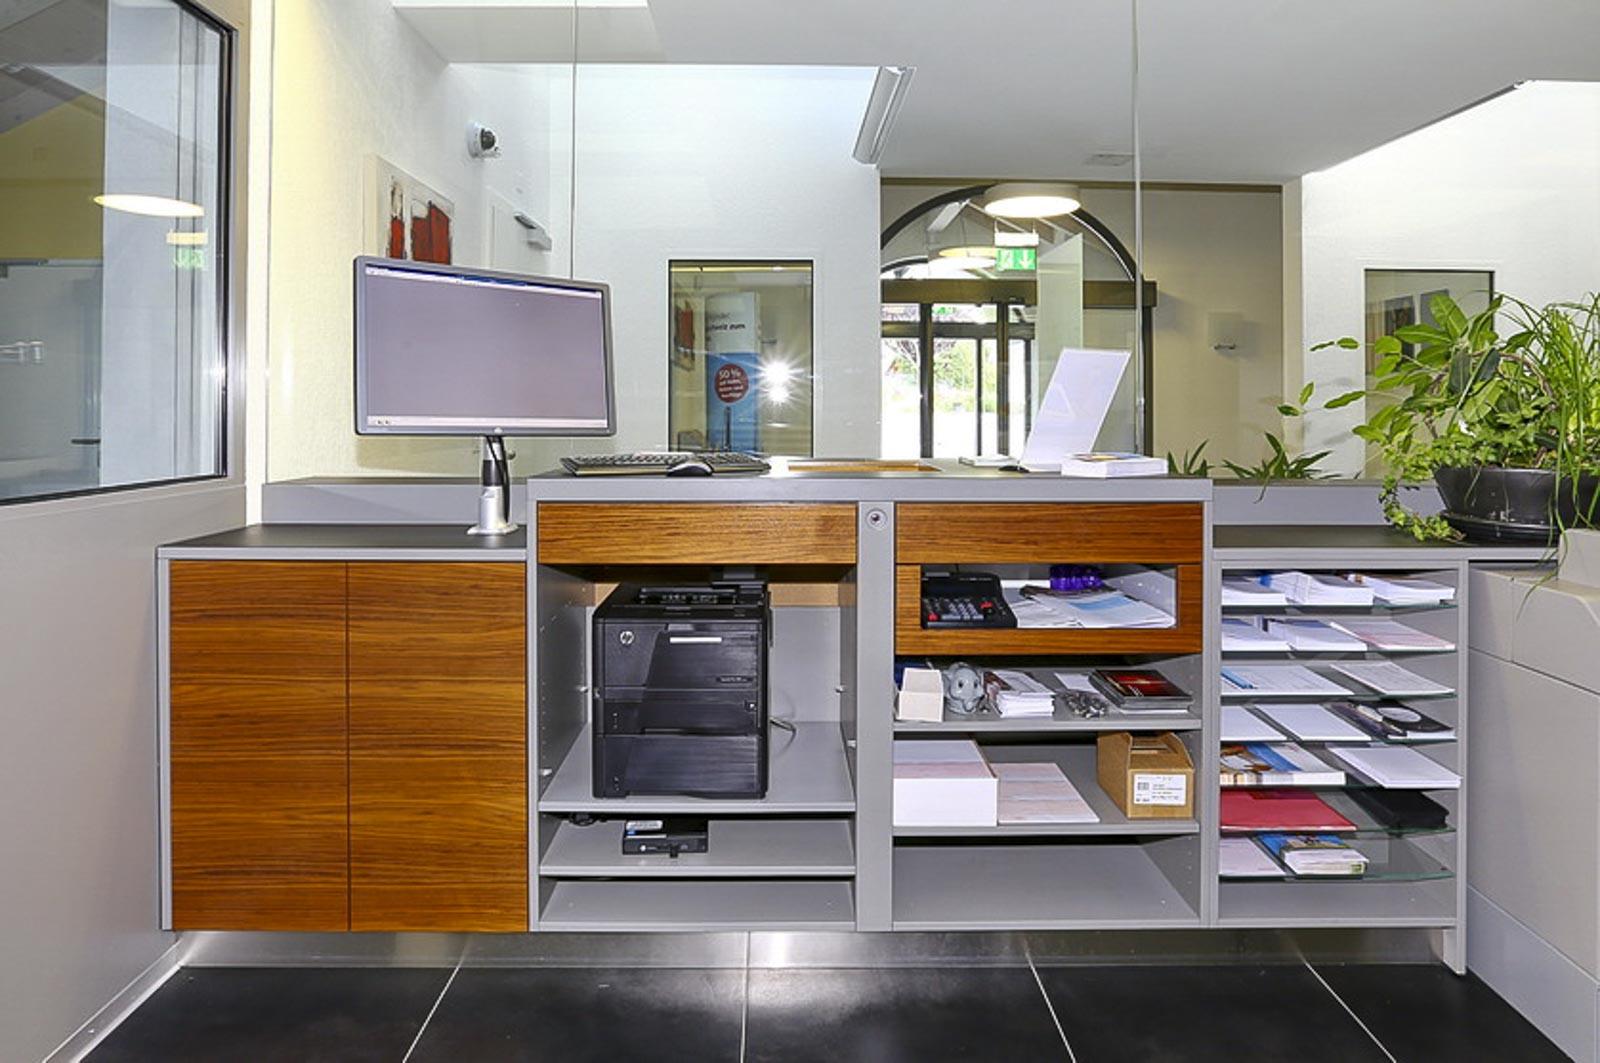 Wooddesign_öffentliche bauten_Schalteranlage_Raiffeisen Rechthalten_Panzerglas (8)